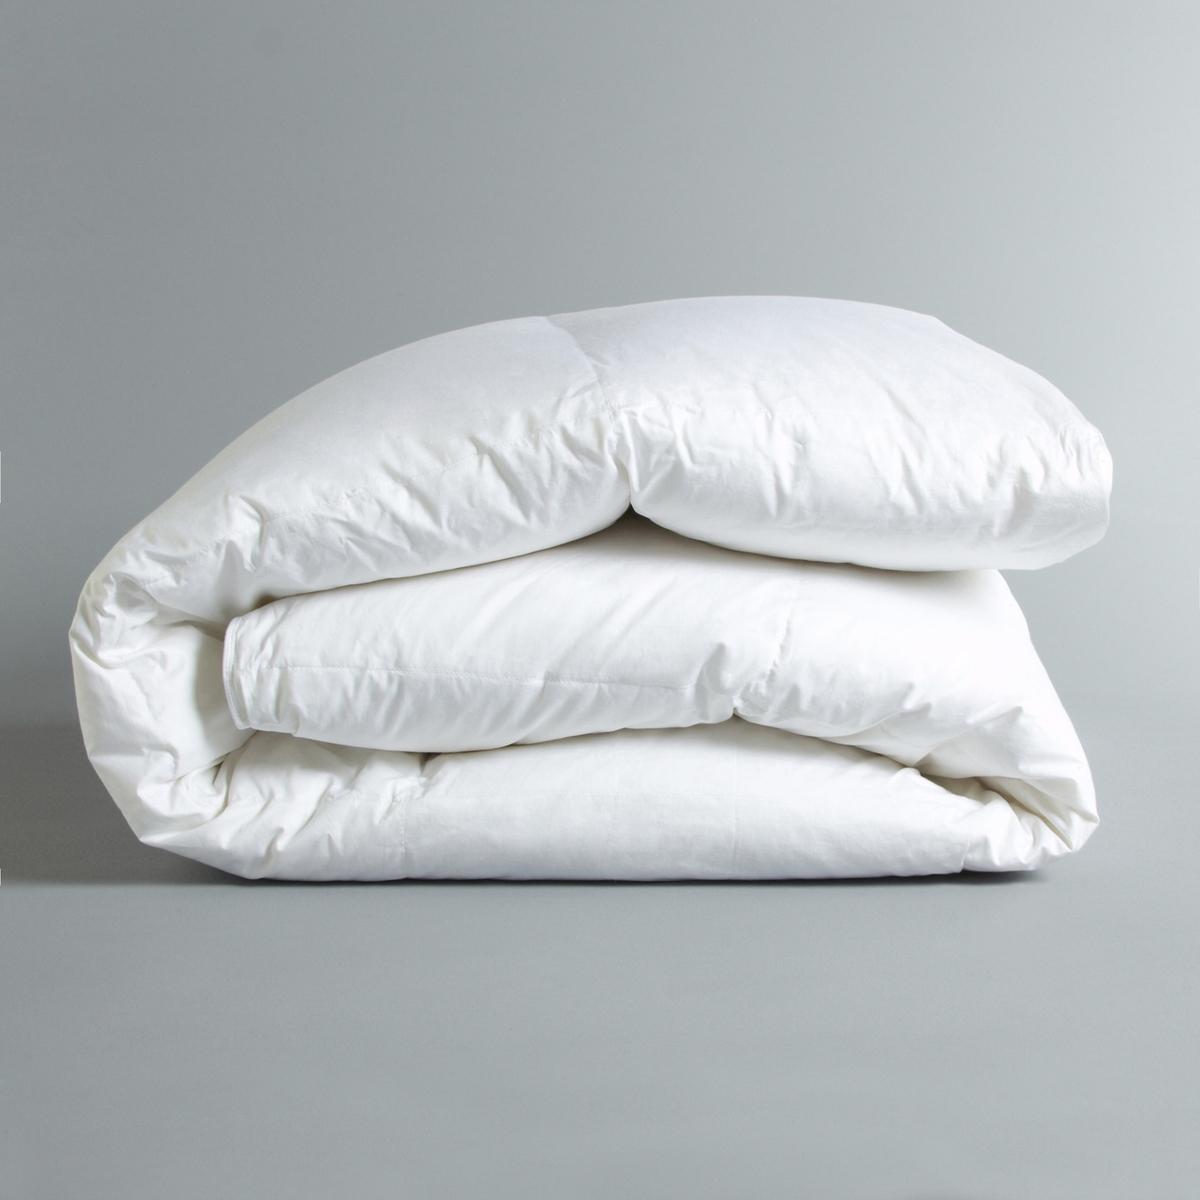 цена Одеяло La Redoute Синтетическое Banket 140 x 200 см белый онлайн в 2017 году